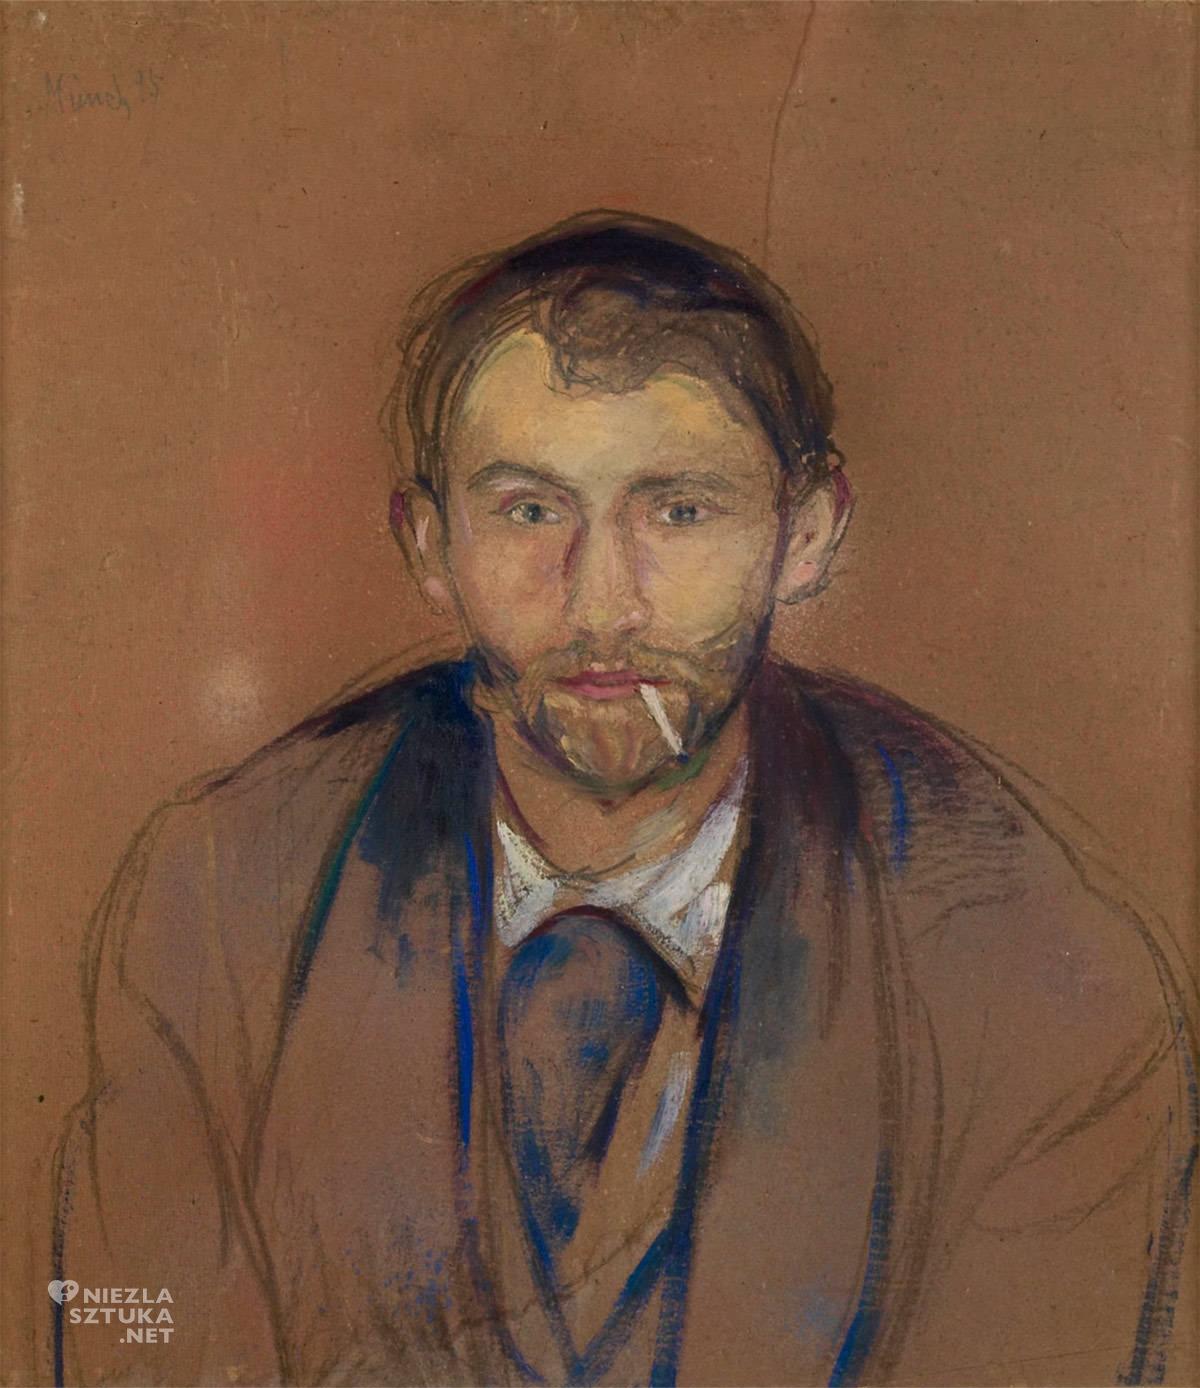 Edvard Munch, Stanisław Przybyszewski, Niezła Sztuka